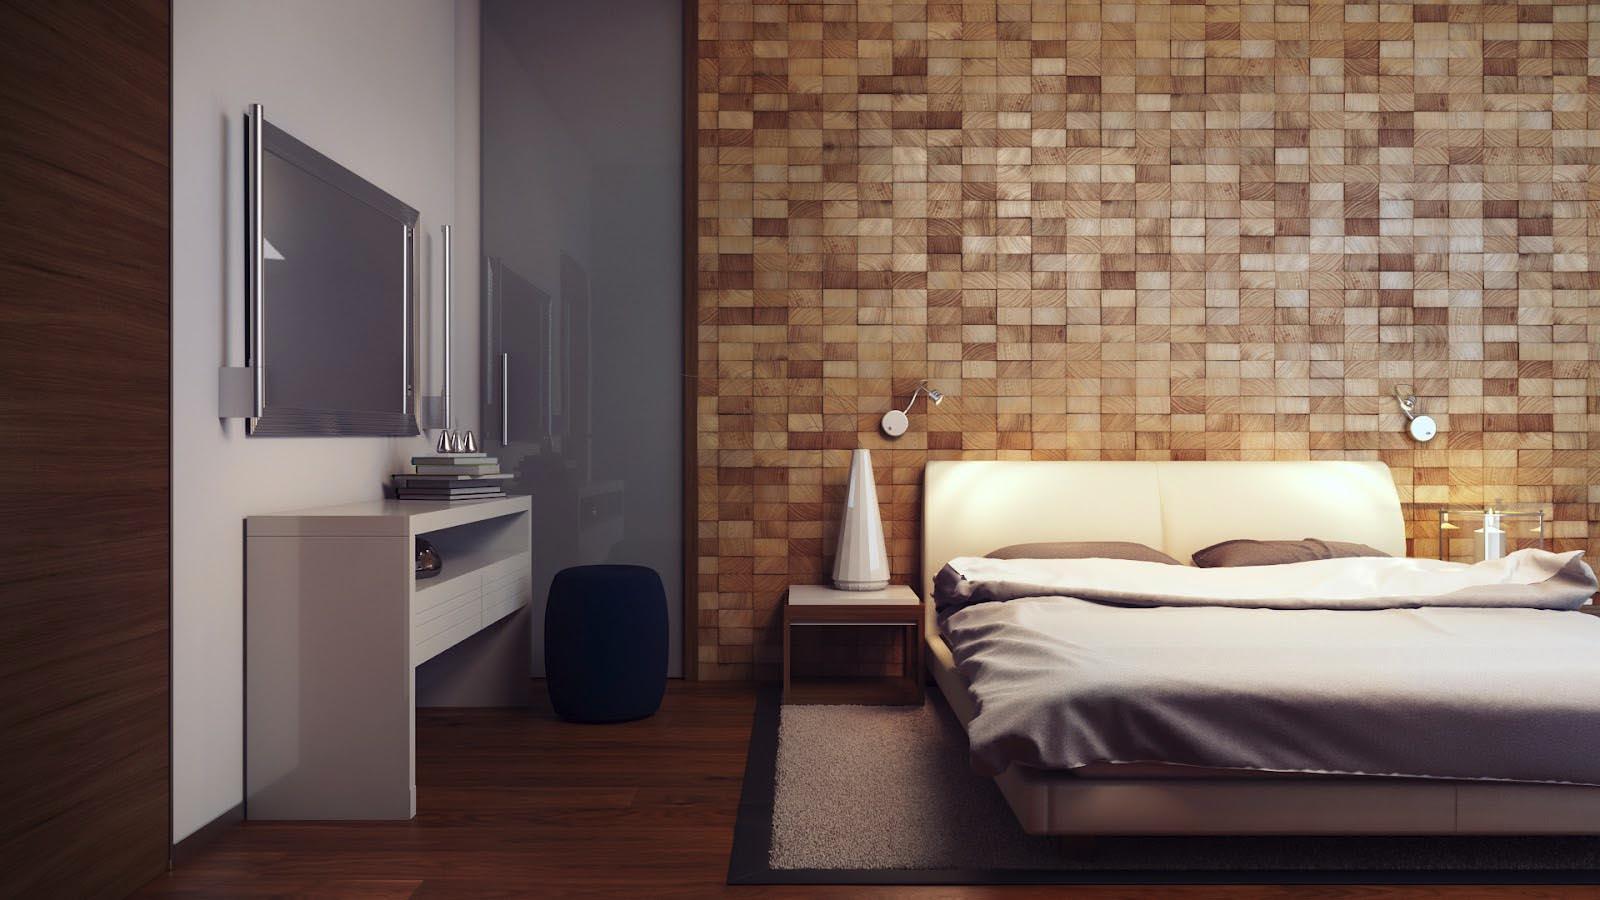 غرف نوم و افكار لجدار و خلفيه السرير حلوة بالصور